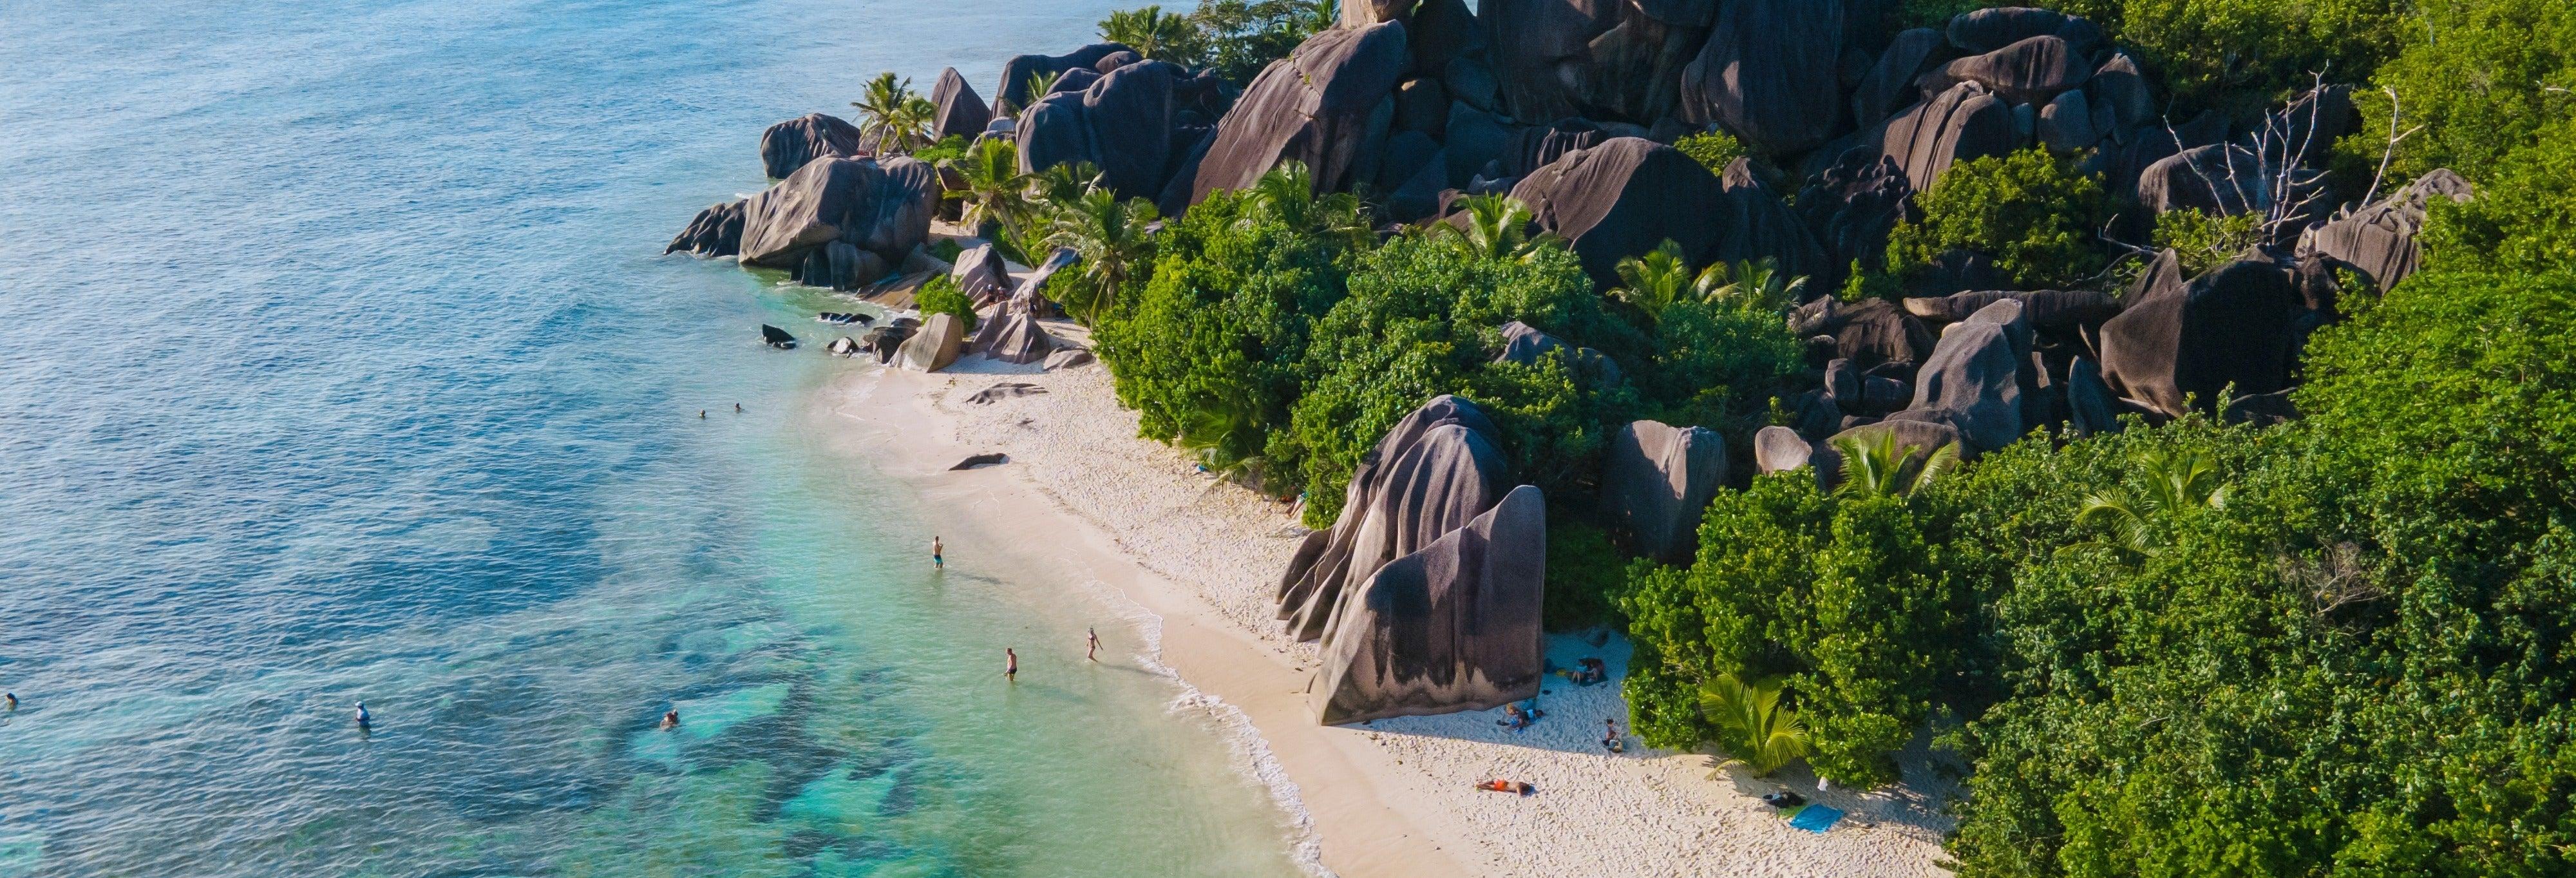 Excursión a la isla La Digue